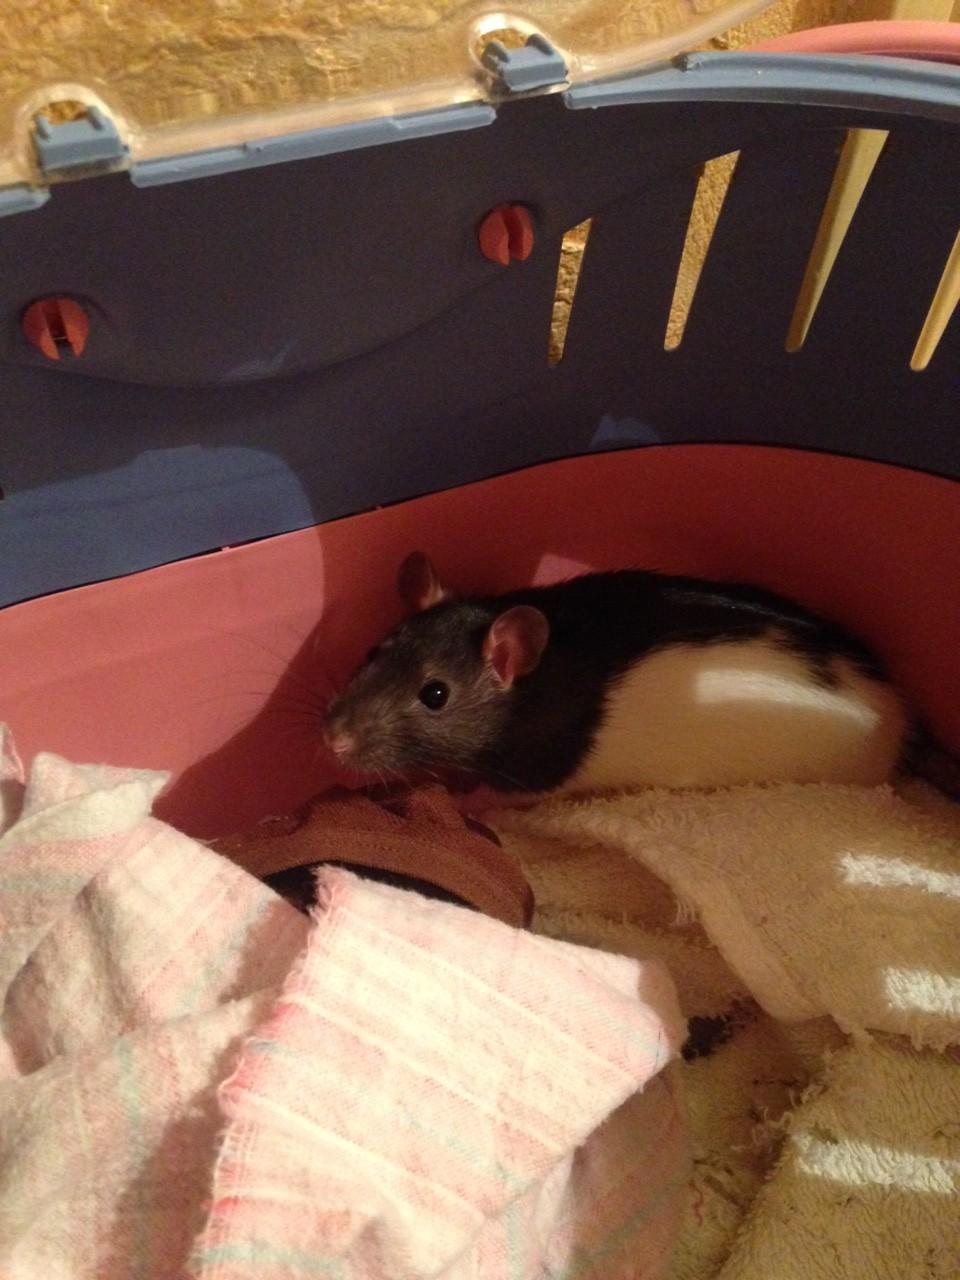 Petite ratte ABANDONNEE dans la rue cherche maison Image214